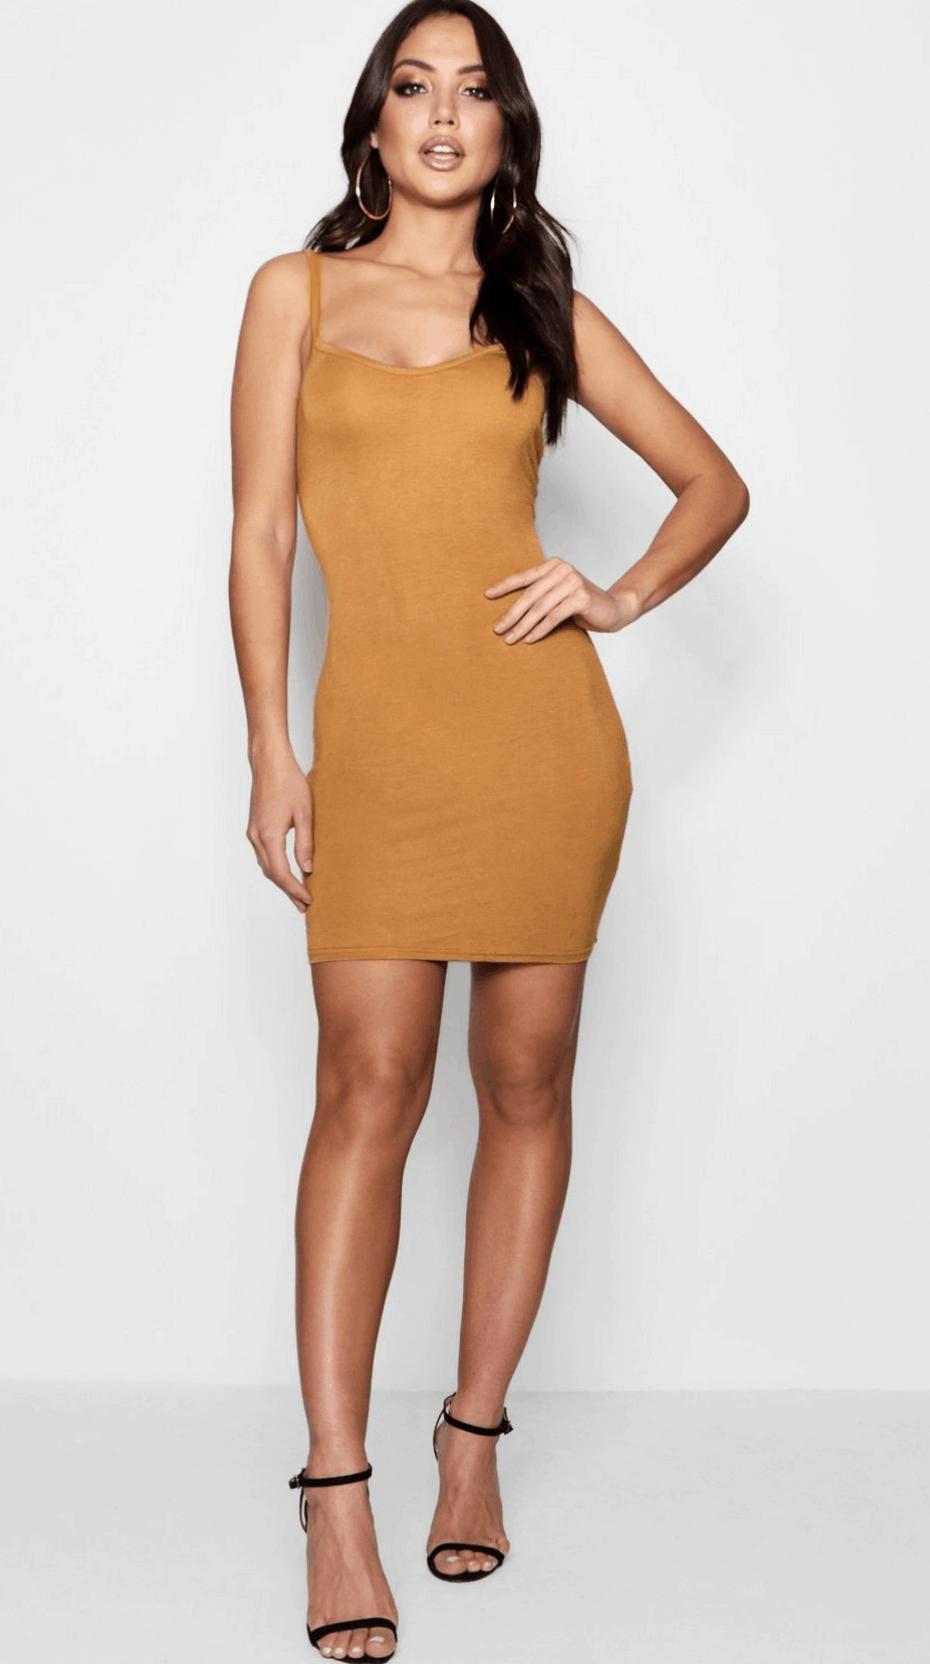 model in mustard yellow tank dress